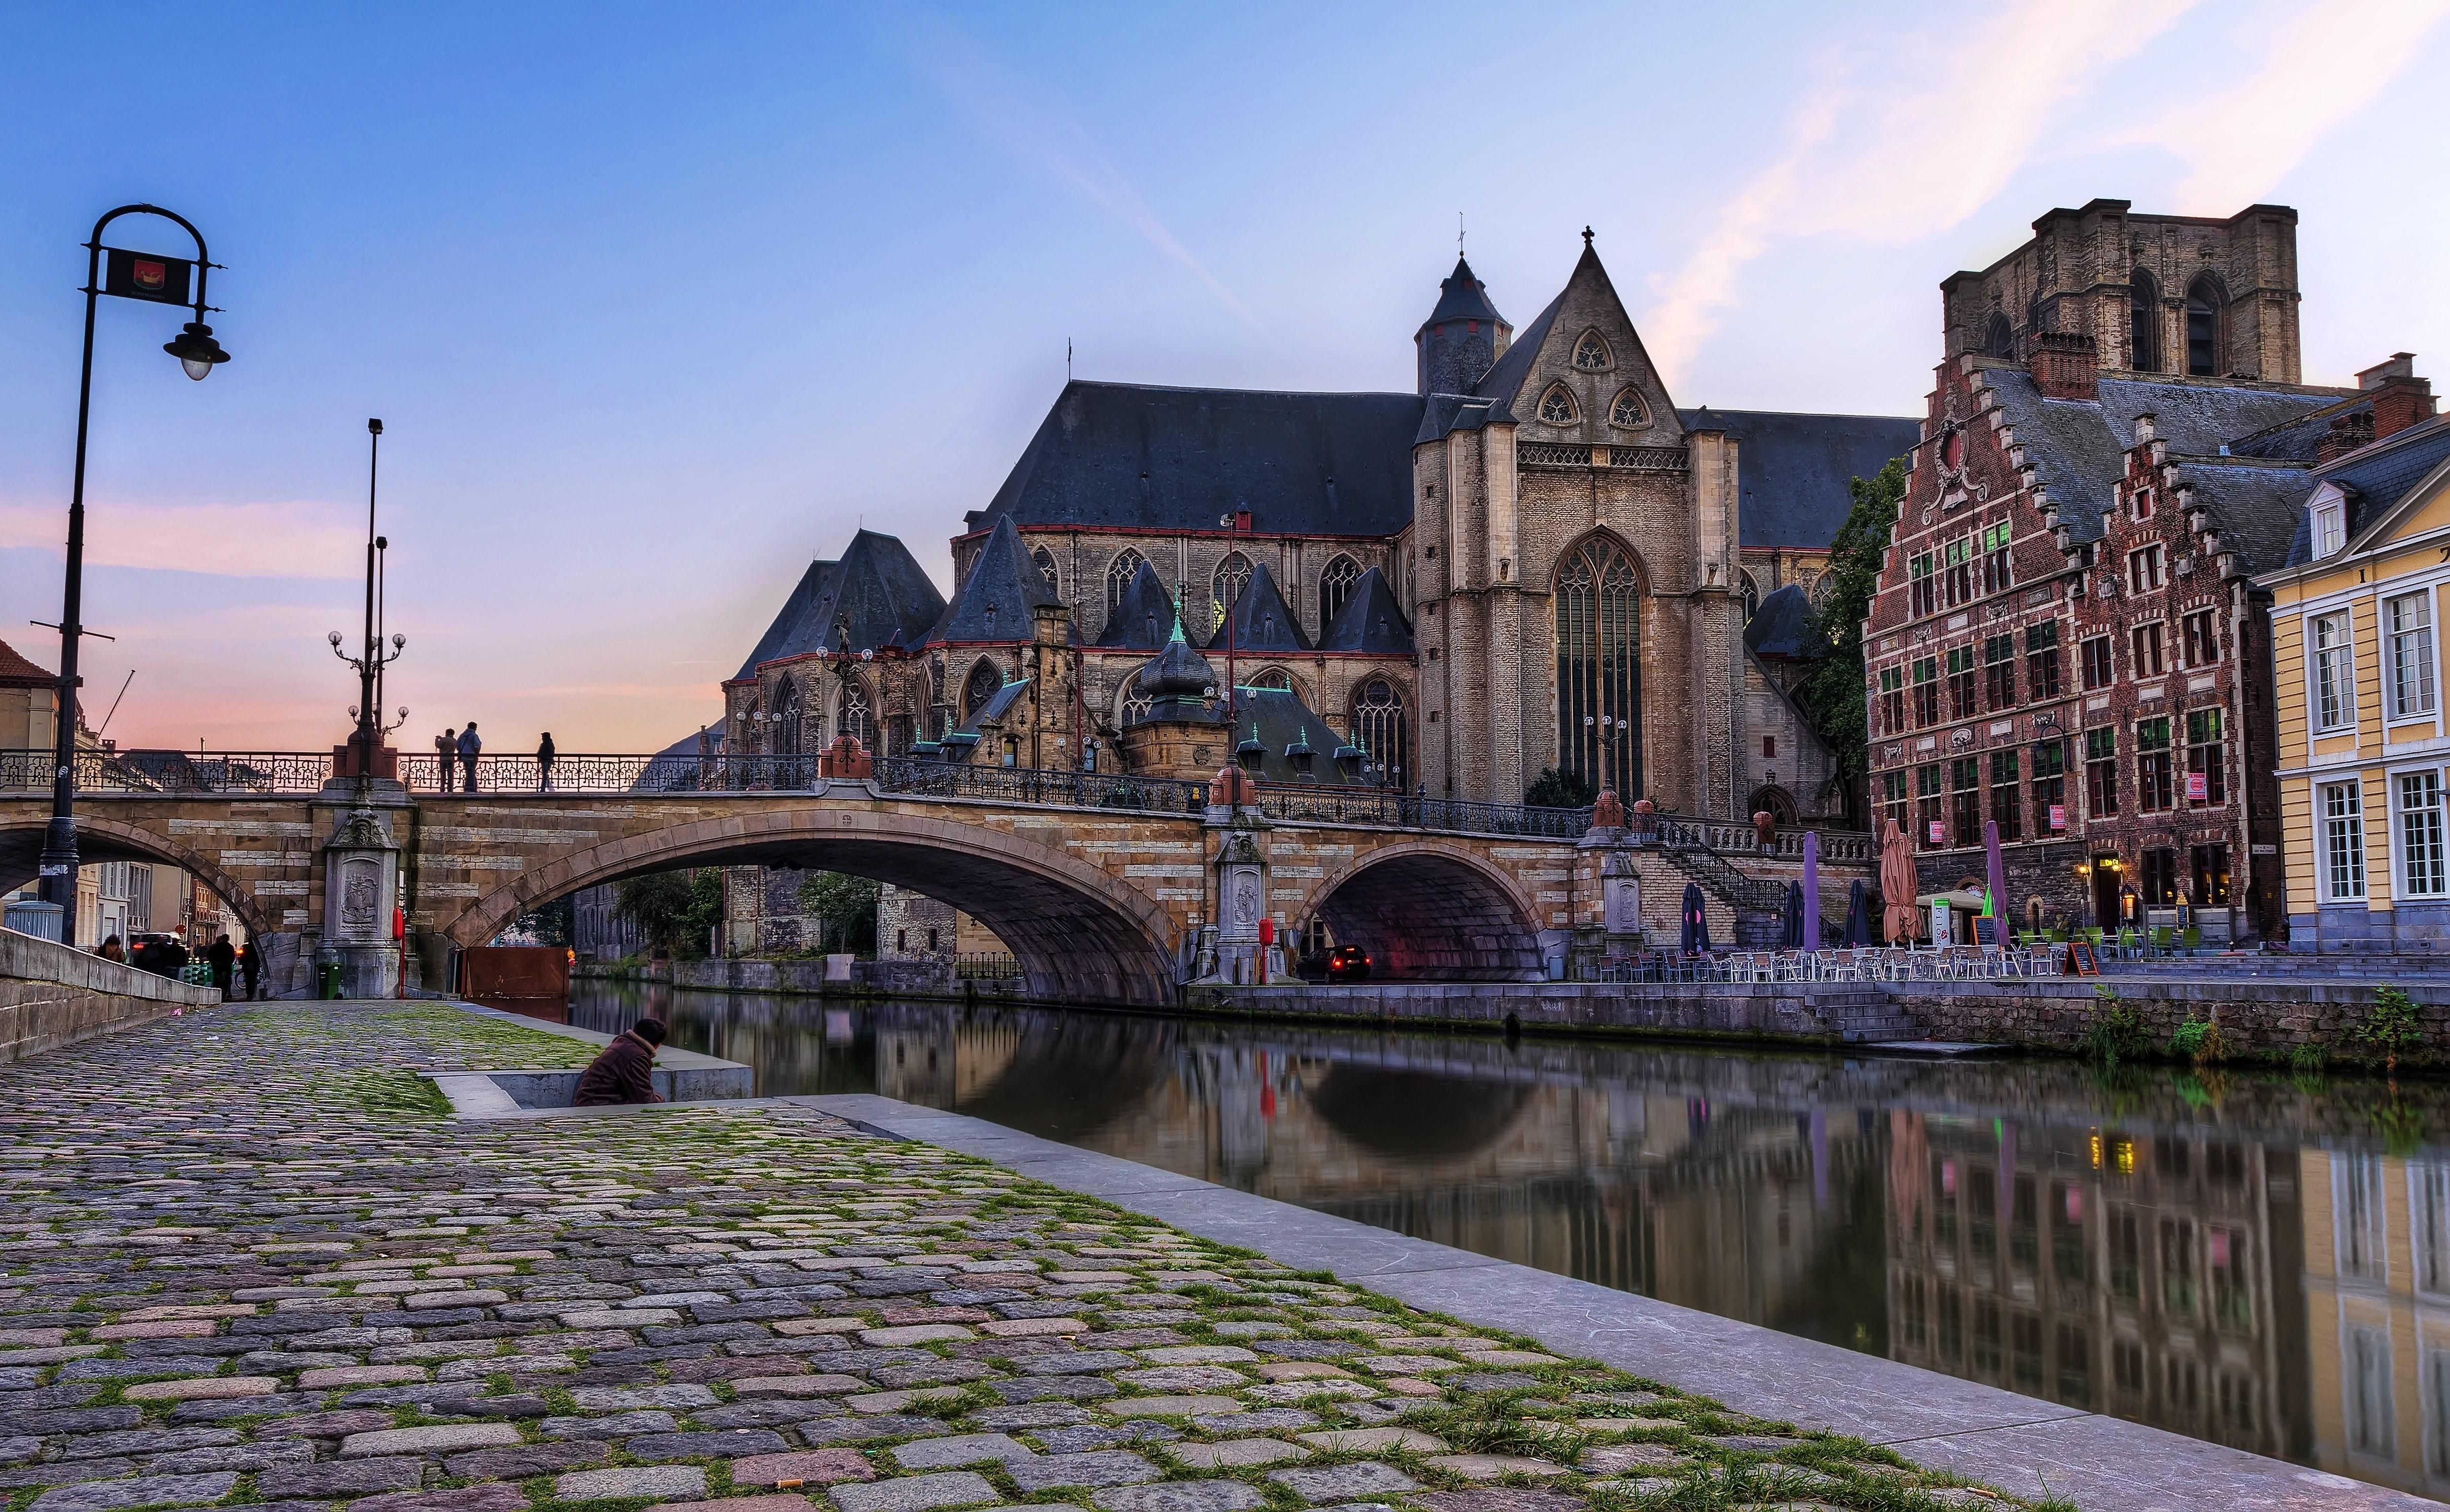 страны архитектура река Бельгия Брюгге  № 1730847 бесплатно